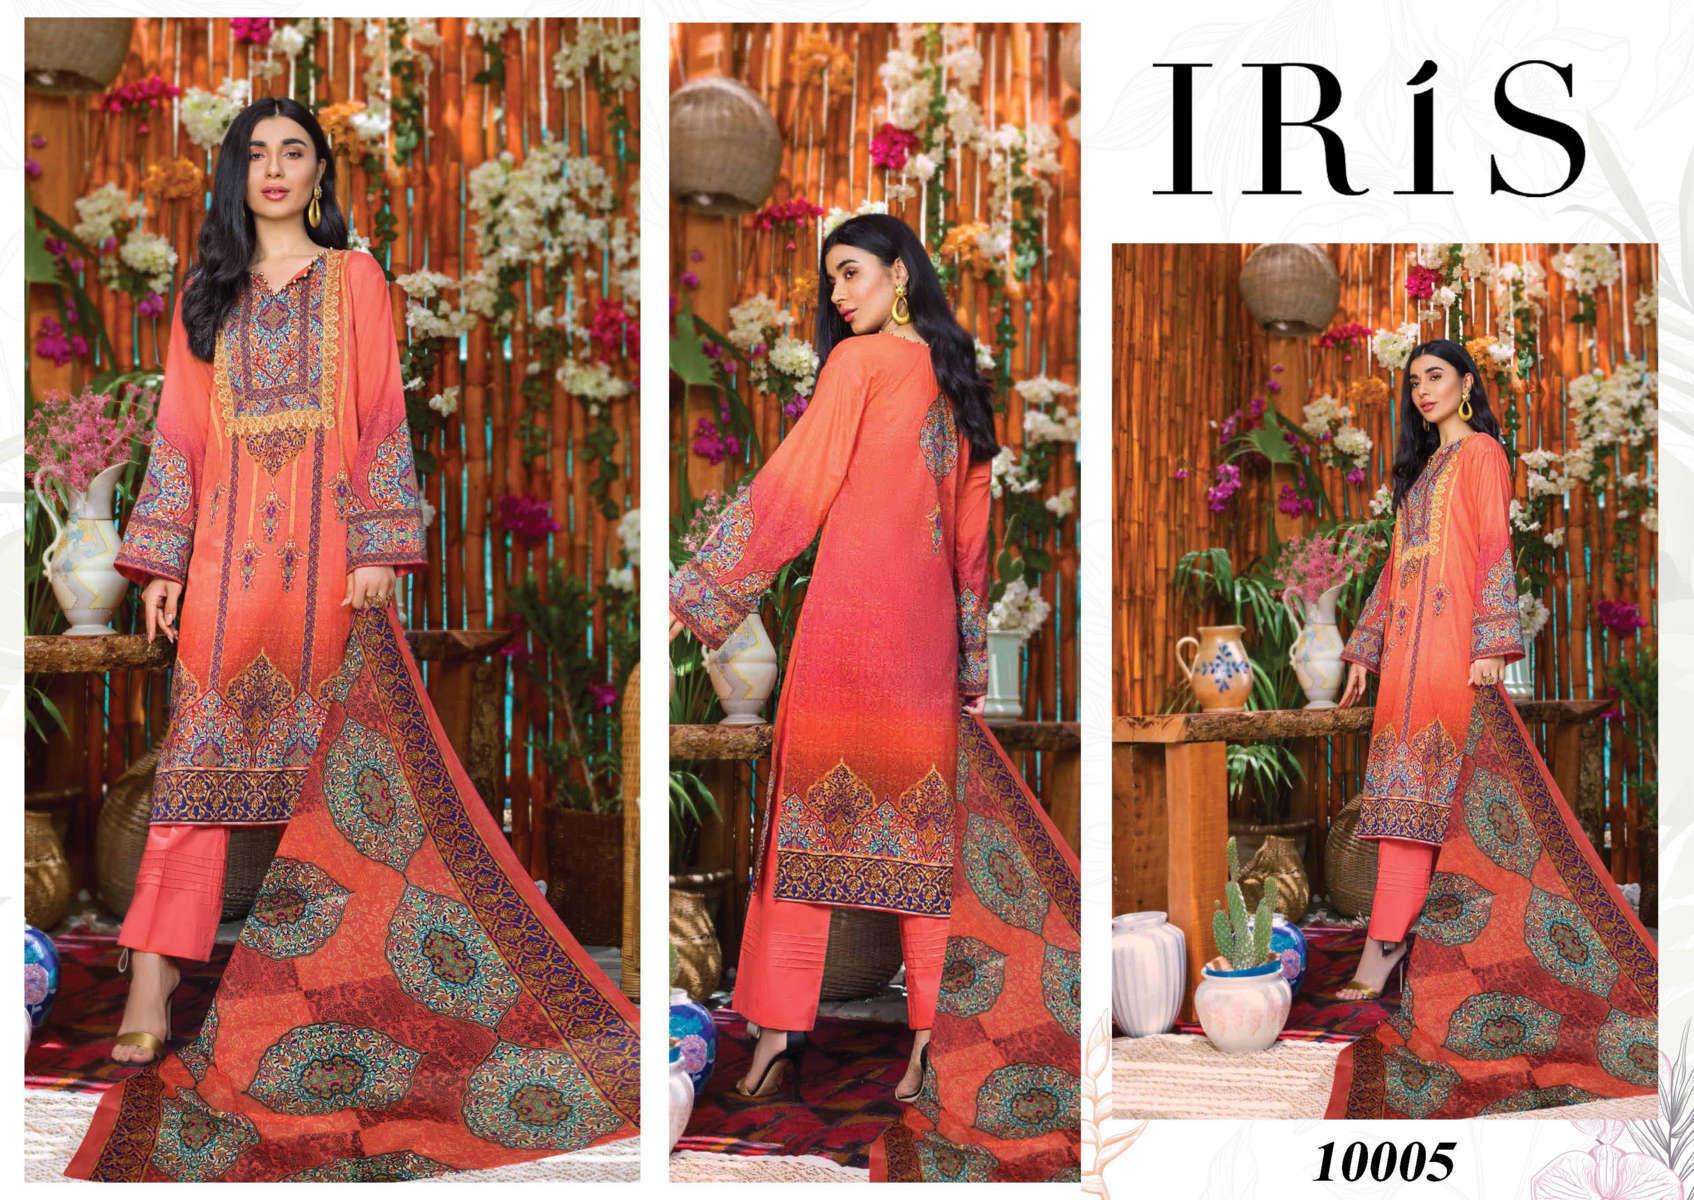 Iris Vol 10 Karachi Cotton Salwar Suit Wholesale Catalog 10 Pcs 8 - Iris Vol 10 Karachi Cotton Salwar Suit Wholesale Catalog 10 Pcs